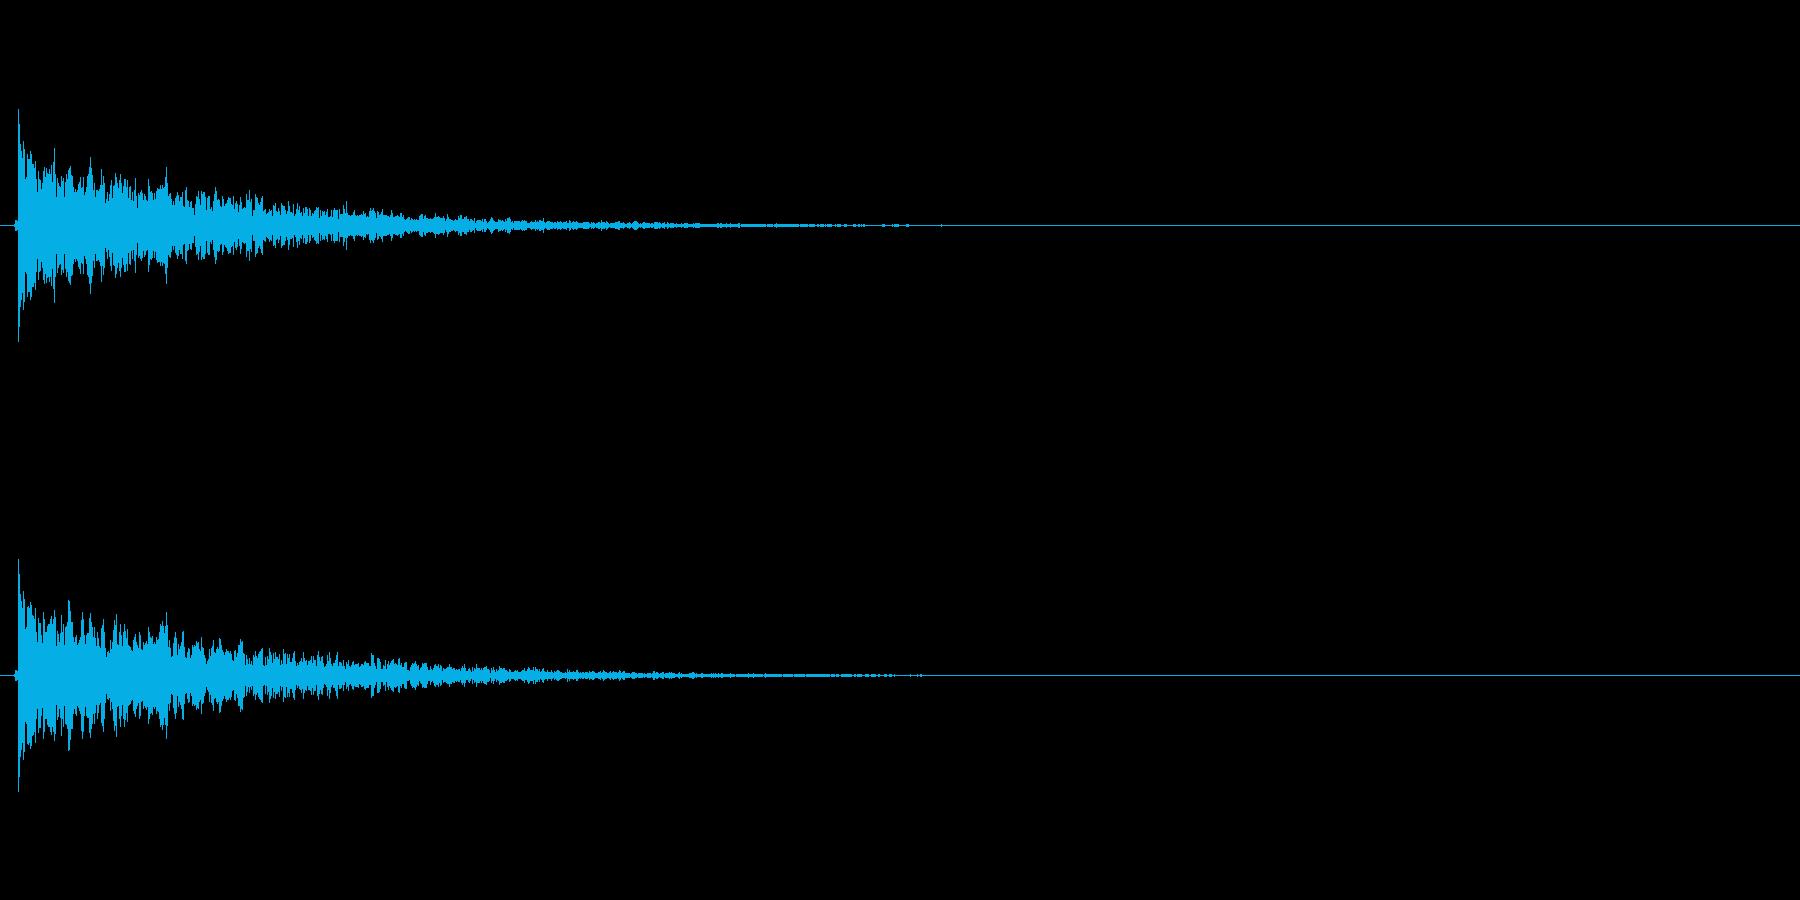 【フィンガースナップ02-1】の再生済みの波形